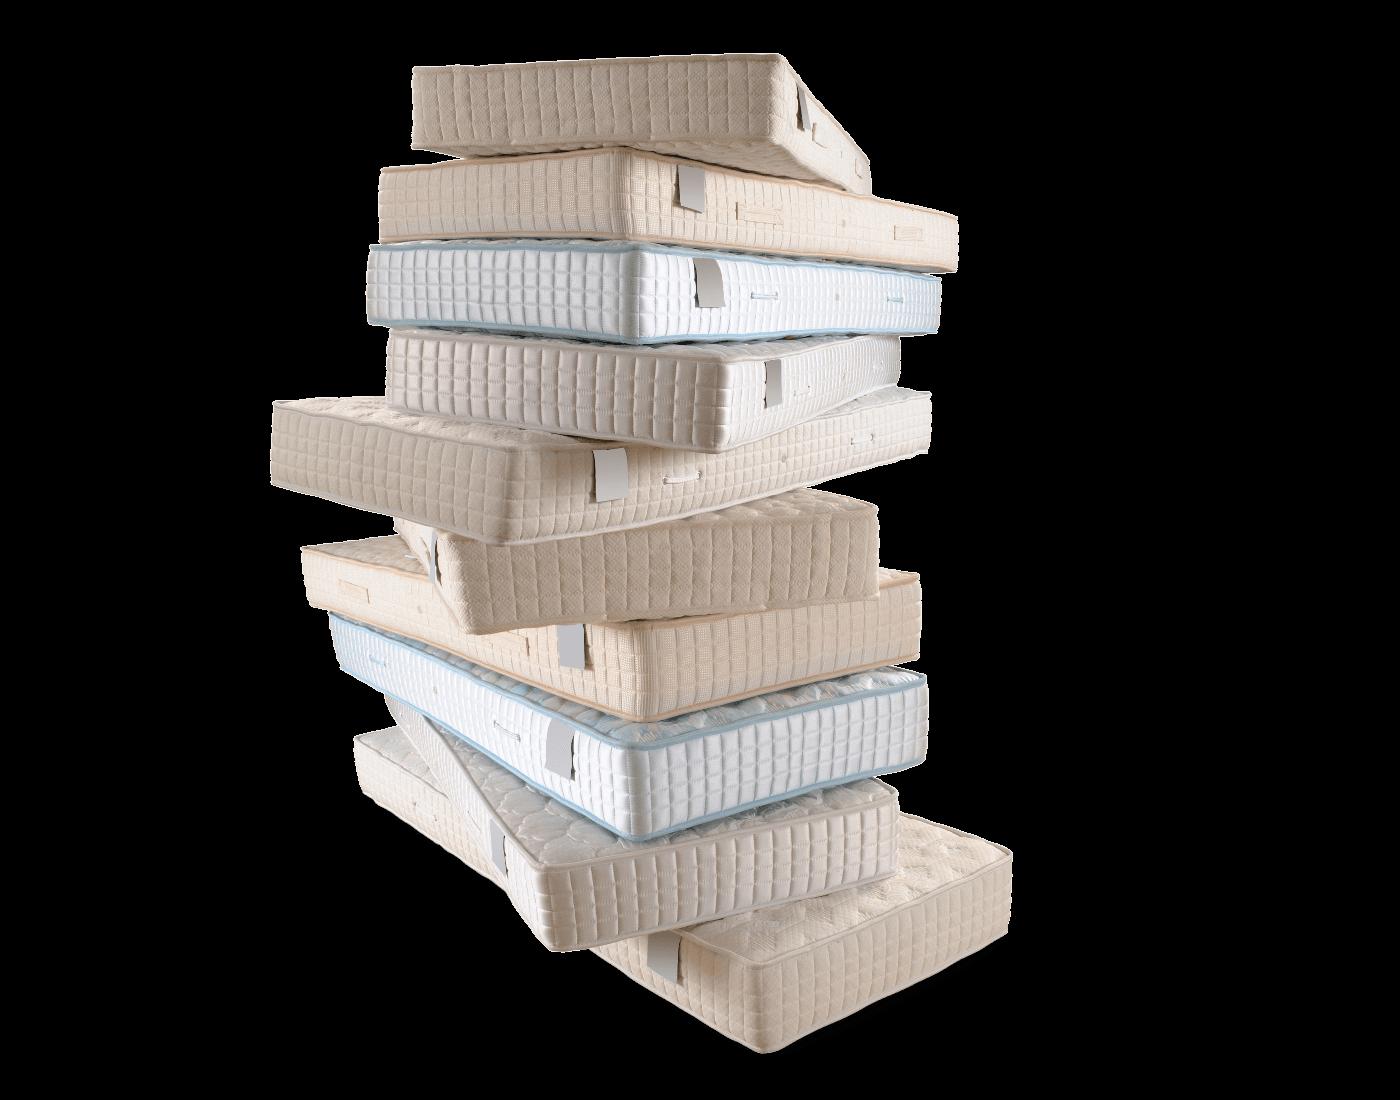 Trasporto materassi · spedire materasso a basso costo · macingo